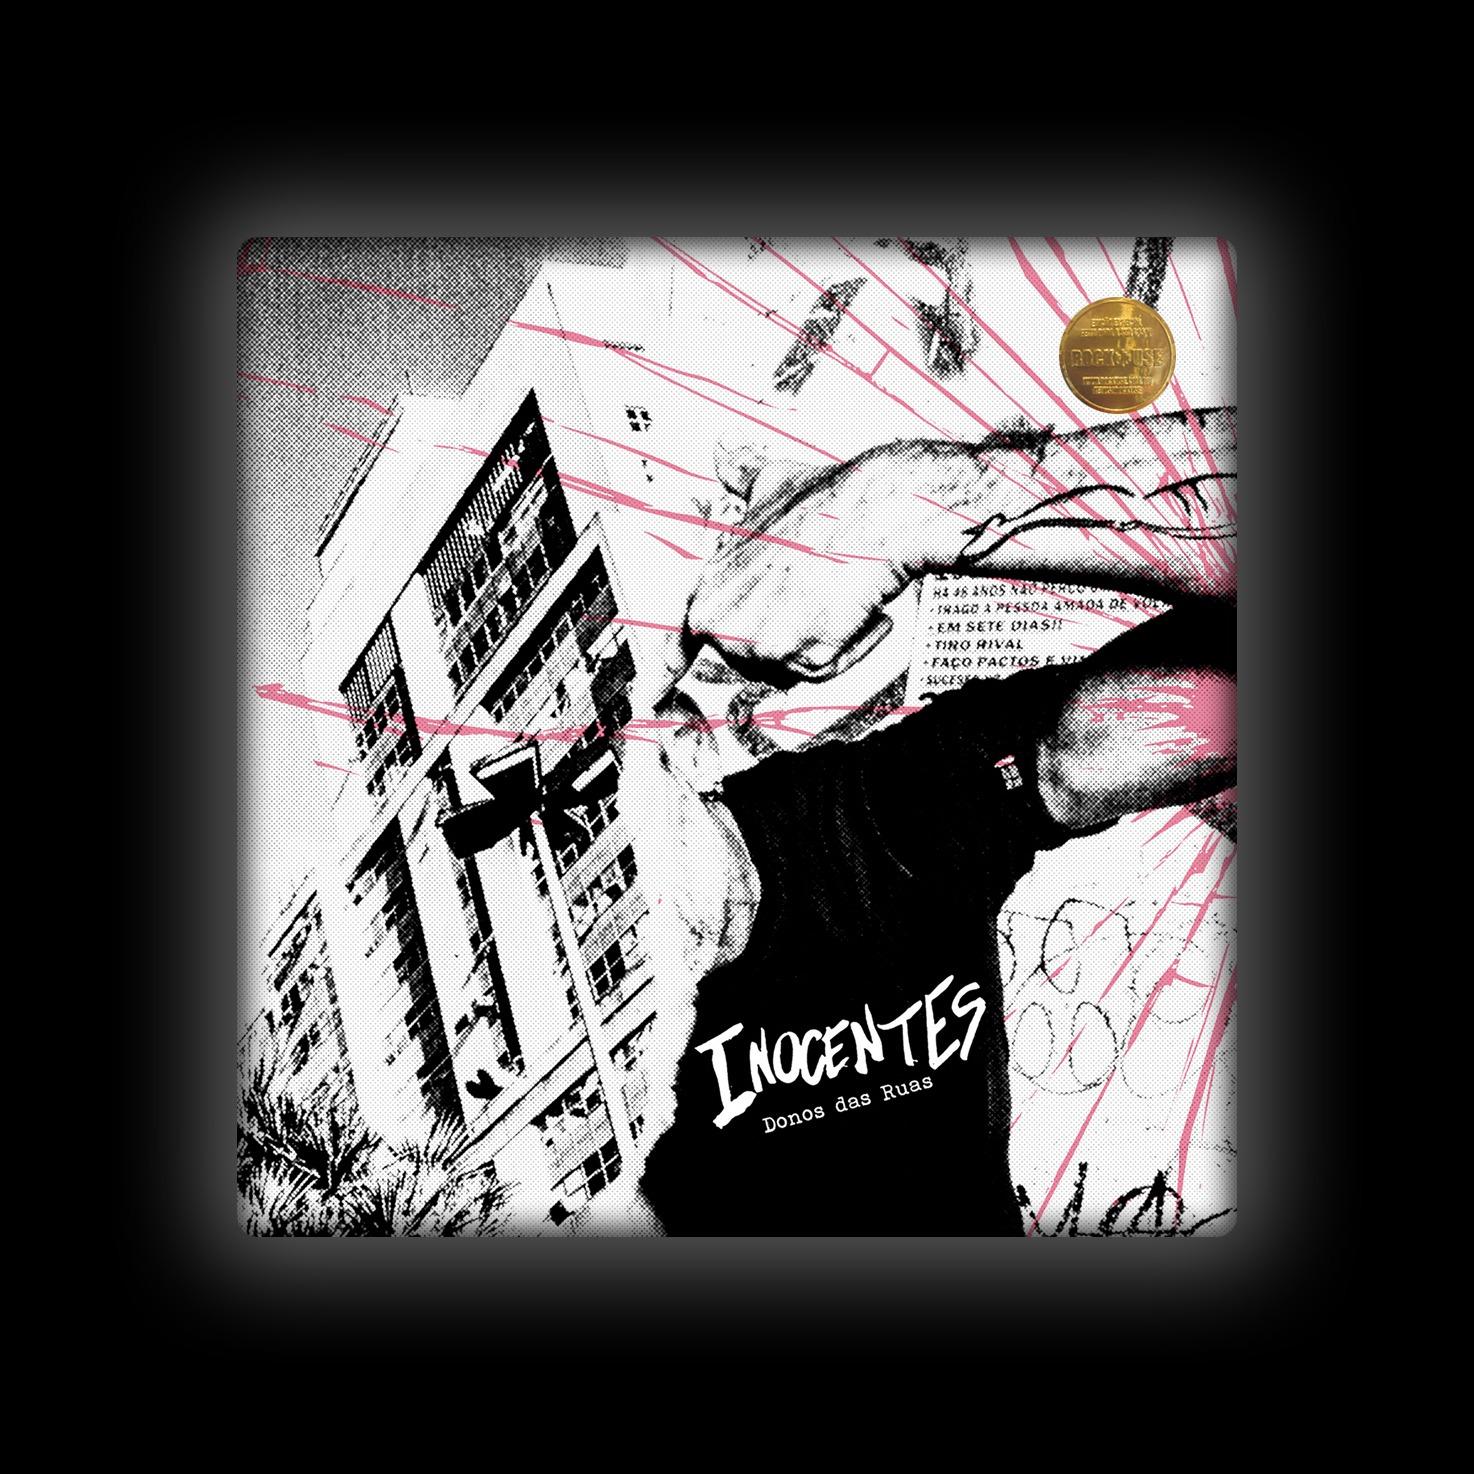 Capa de Almofada Inocentes - Donos da Rua